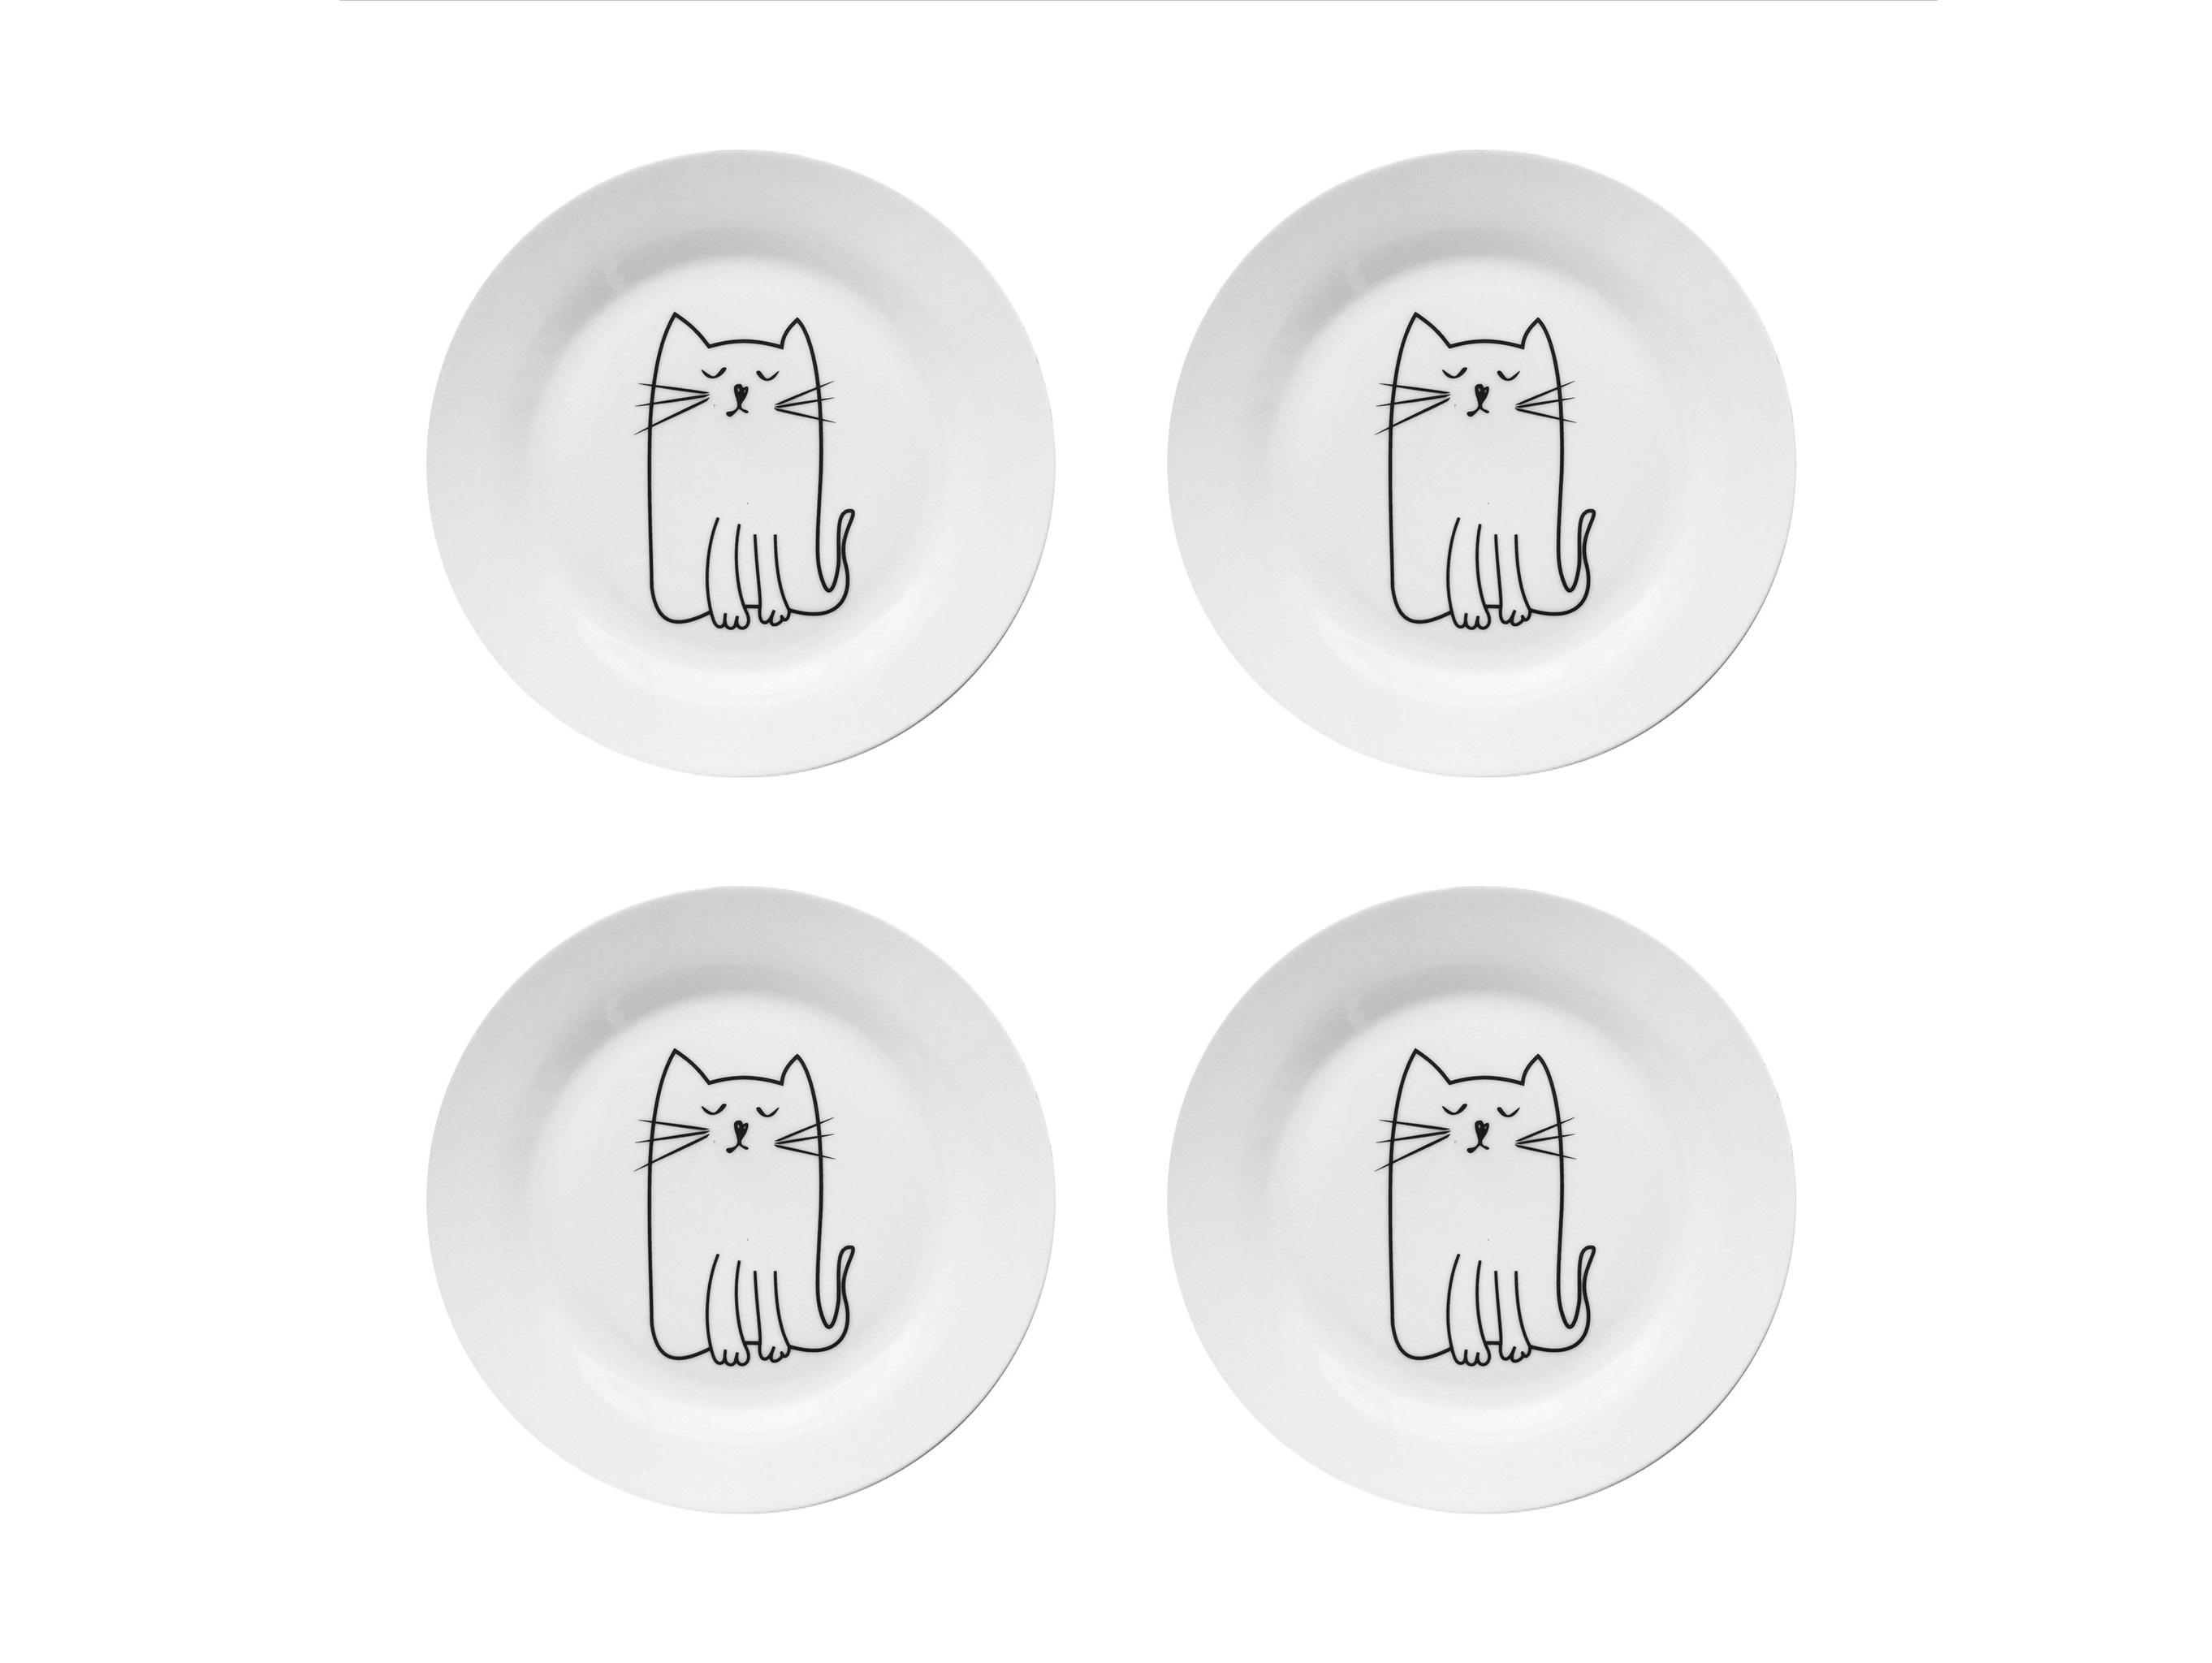 Набор тарелок Киска (4 шт)Тарелки<br>Посуду можно использовать в микроволновой печи и посудомоечной машине.&amp;amp;nbsp;&amp;lt;div&amp;gt;В комплект входят: Тарелка 20 см - 4 шт.&amp;lt;/div&amp;gt;<br><br>Material: Фарфор